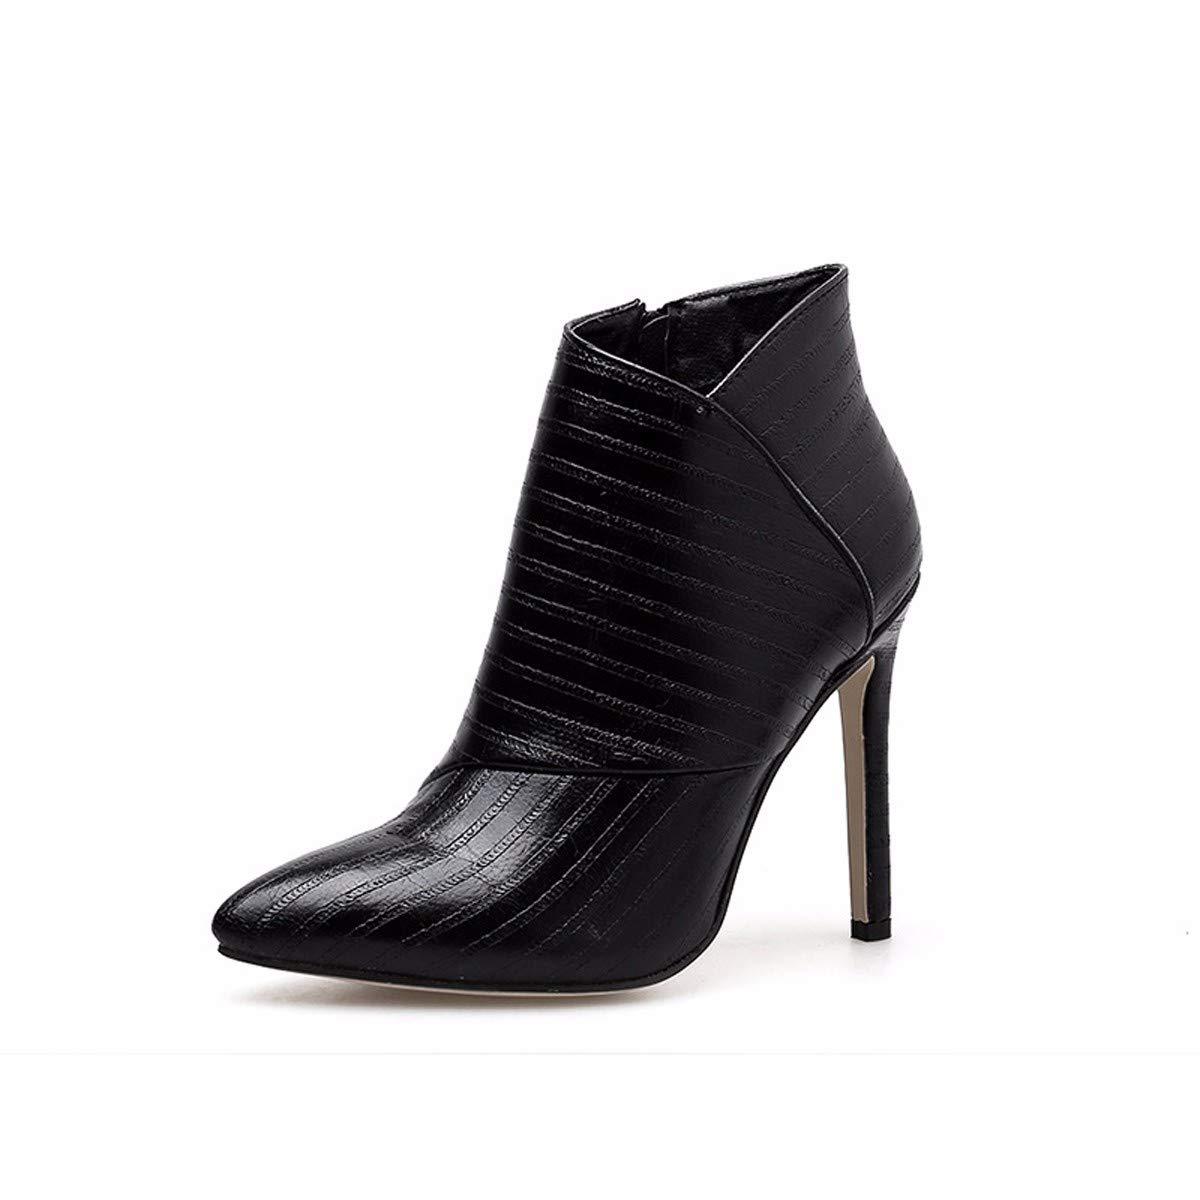 LBTSQ-Mode Damenschuhe Spitz Dünn Und Ferse Mit Hohen 11Cm Kurze Stiefel Mode Wild Stiefel Nackt - Stiefel.